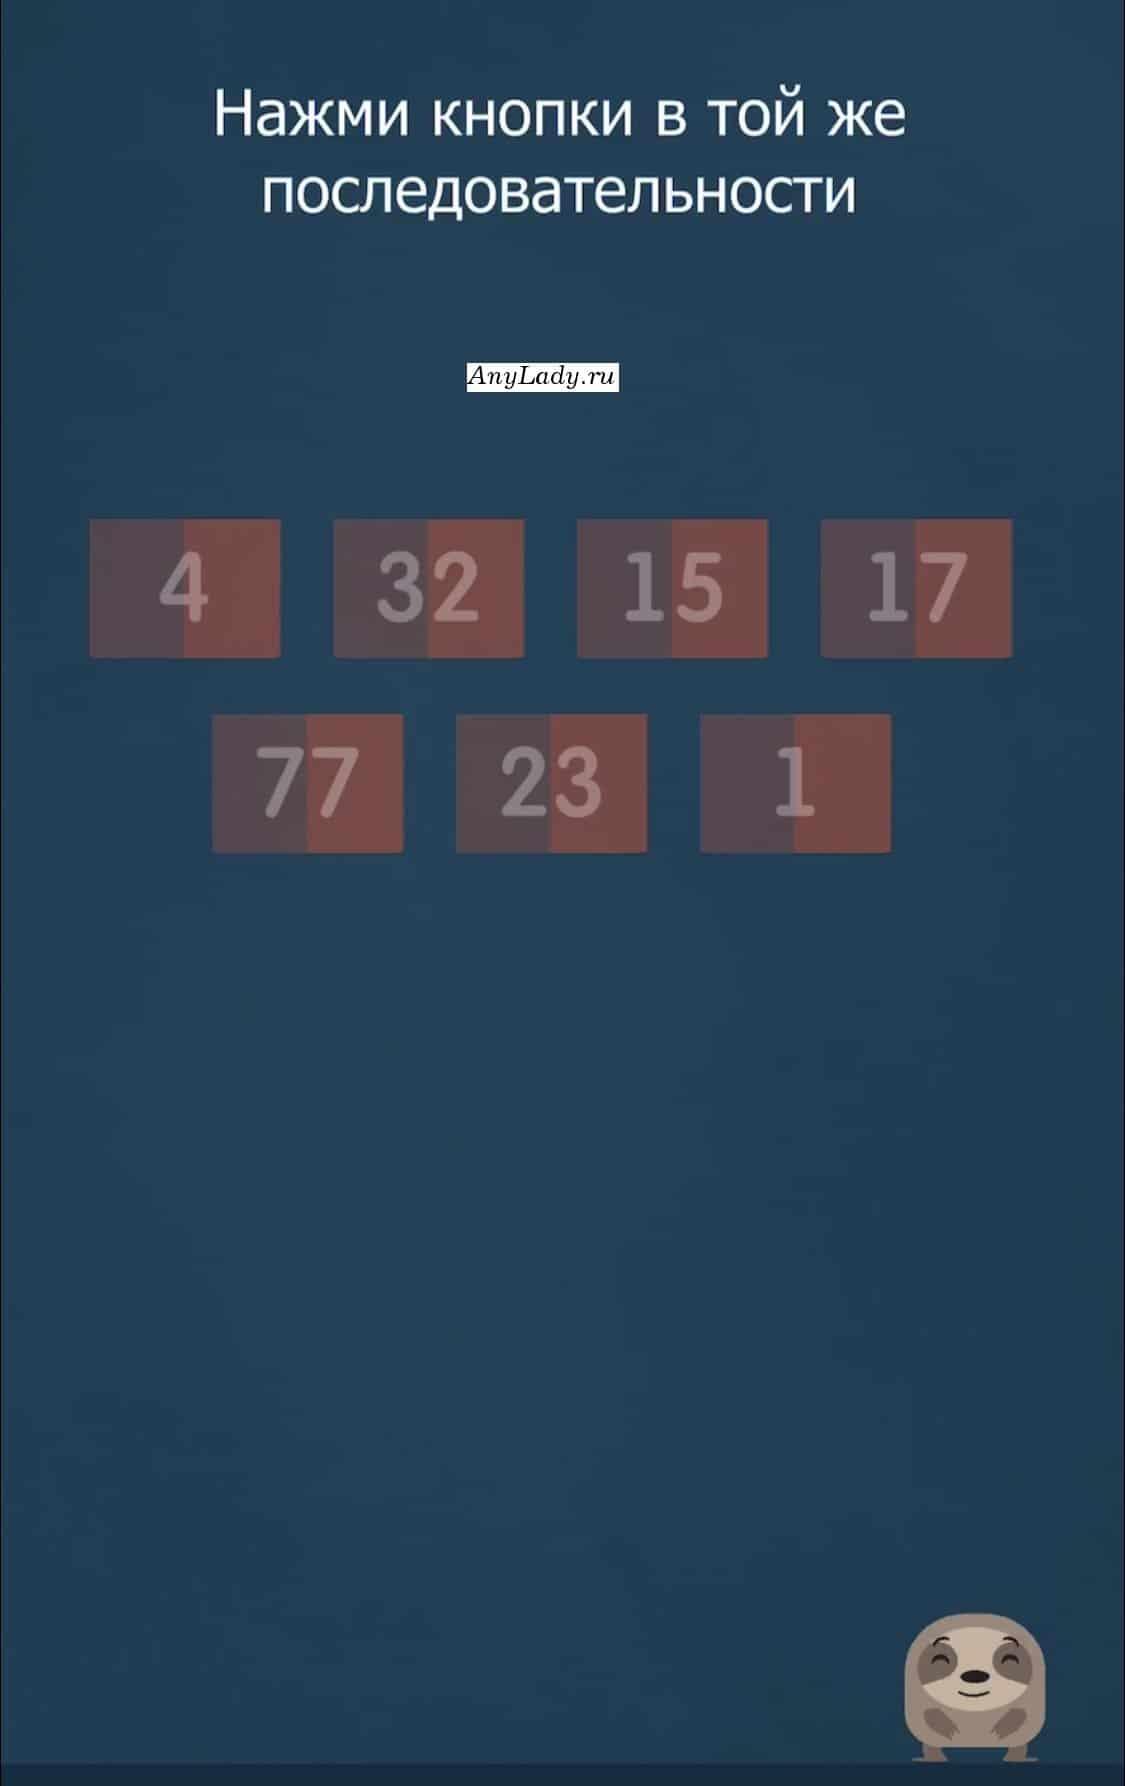 Правильный порядок чисел:   Один;  Пятнадцать;  Семьдесят семь;  Семнадцать;  Двадцать три;  тридцать два;  Четыре.